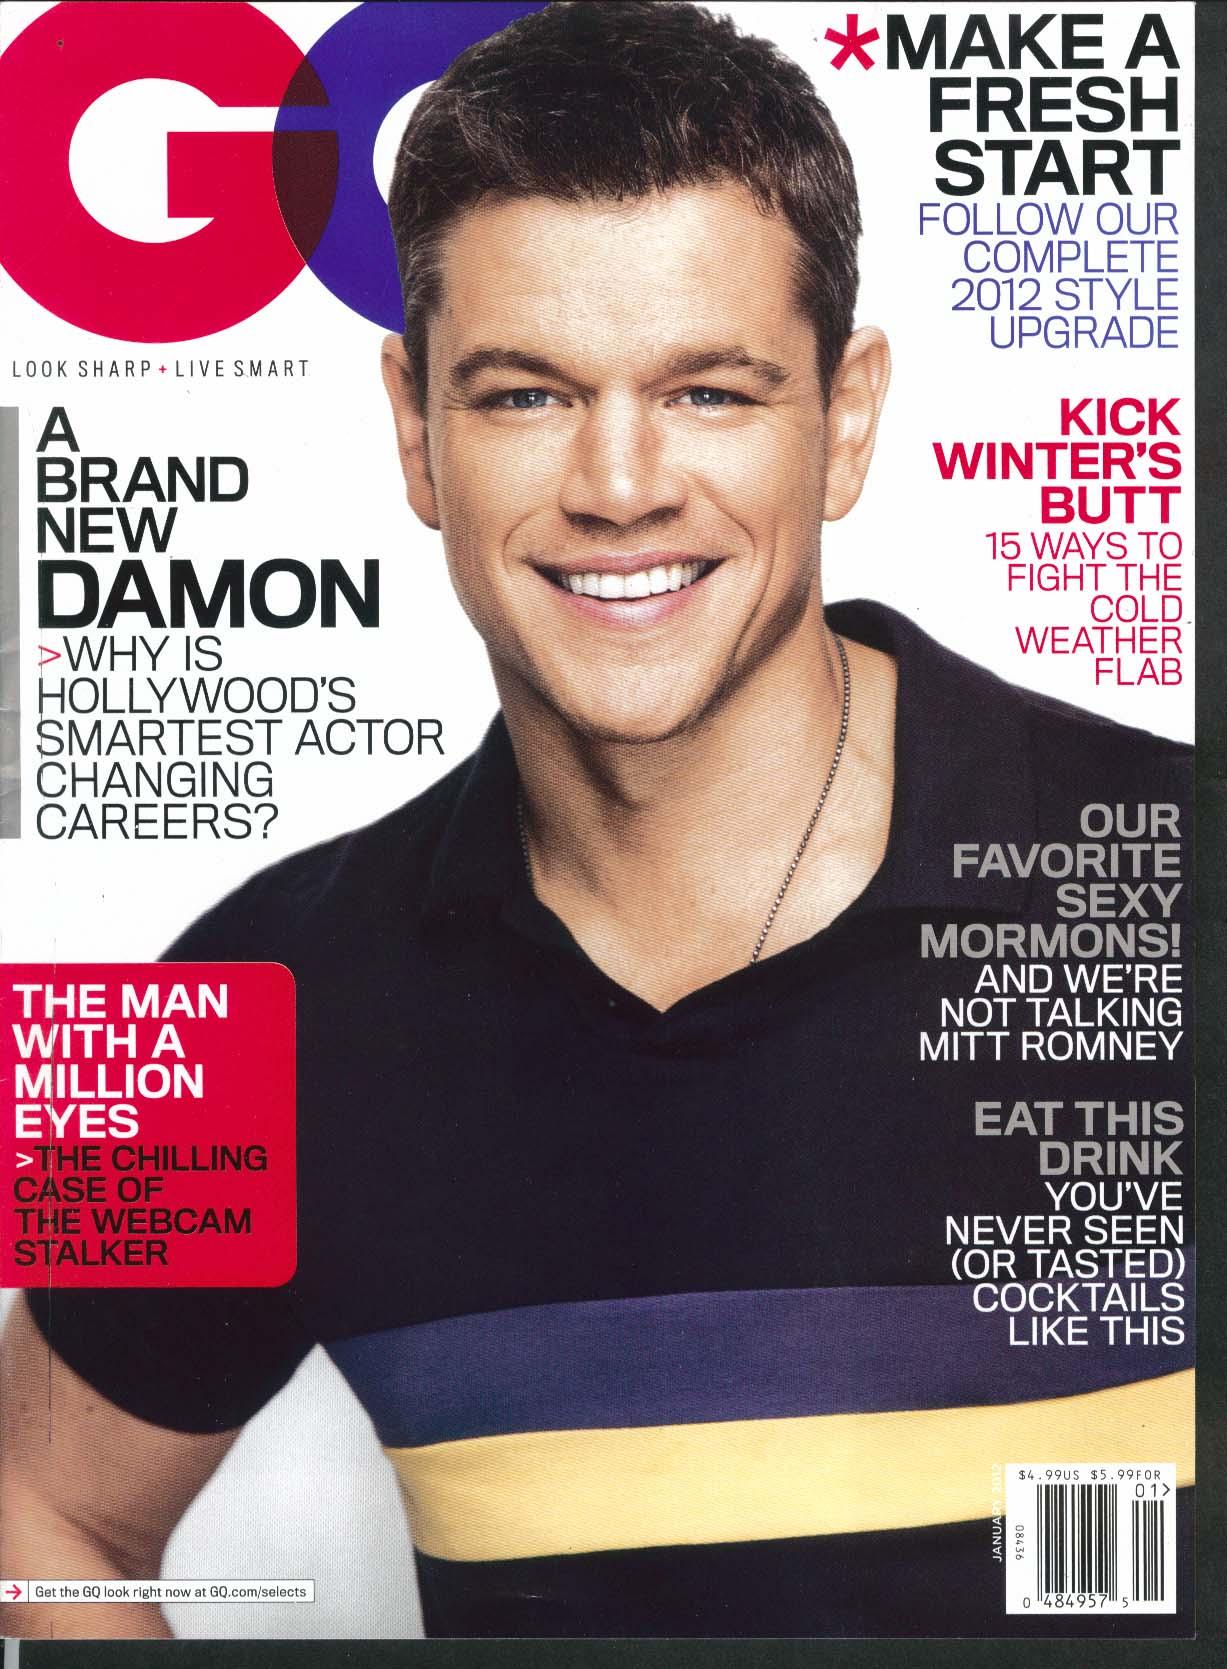 GQ Matt Damon Gina Carano Nick Nolte Ewan McGregor 2011